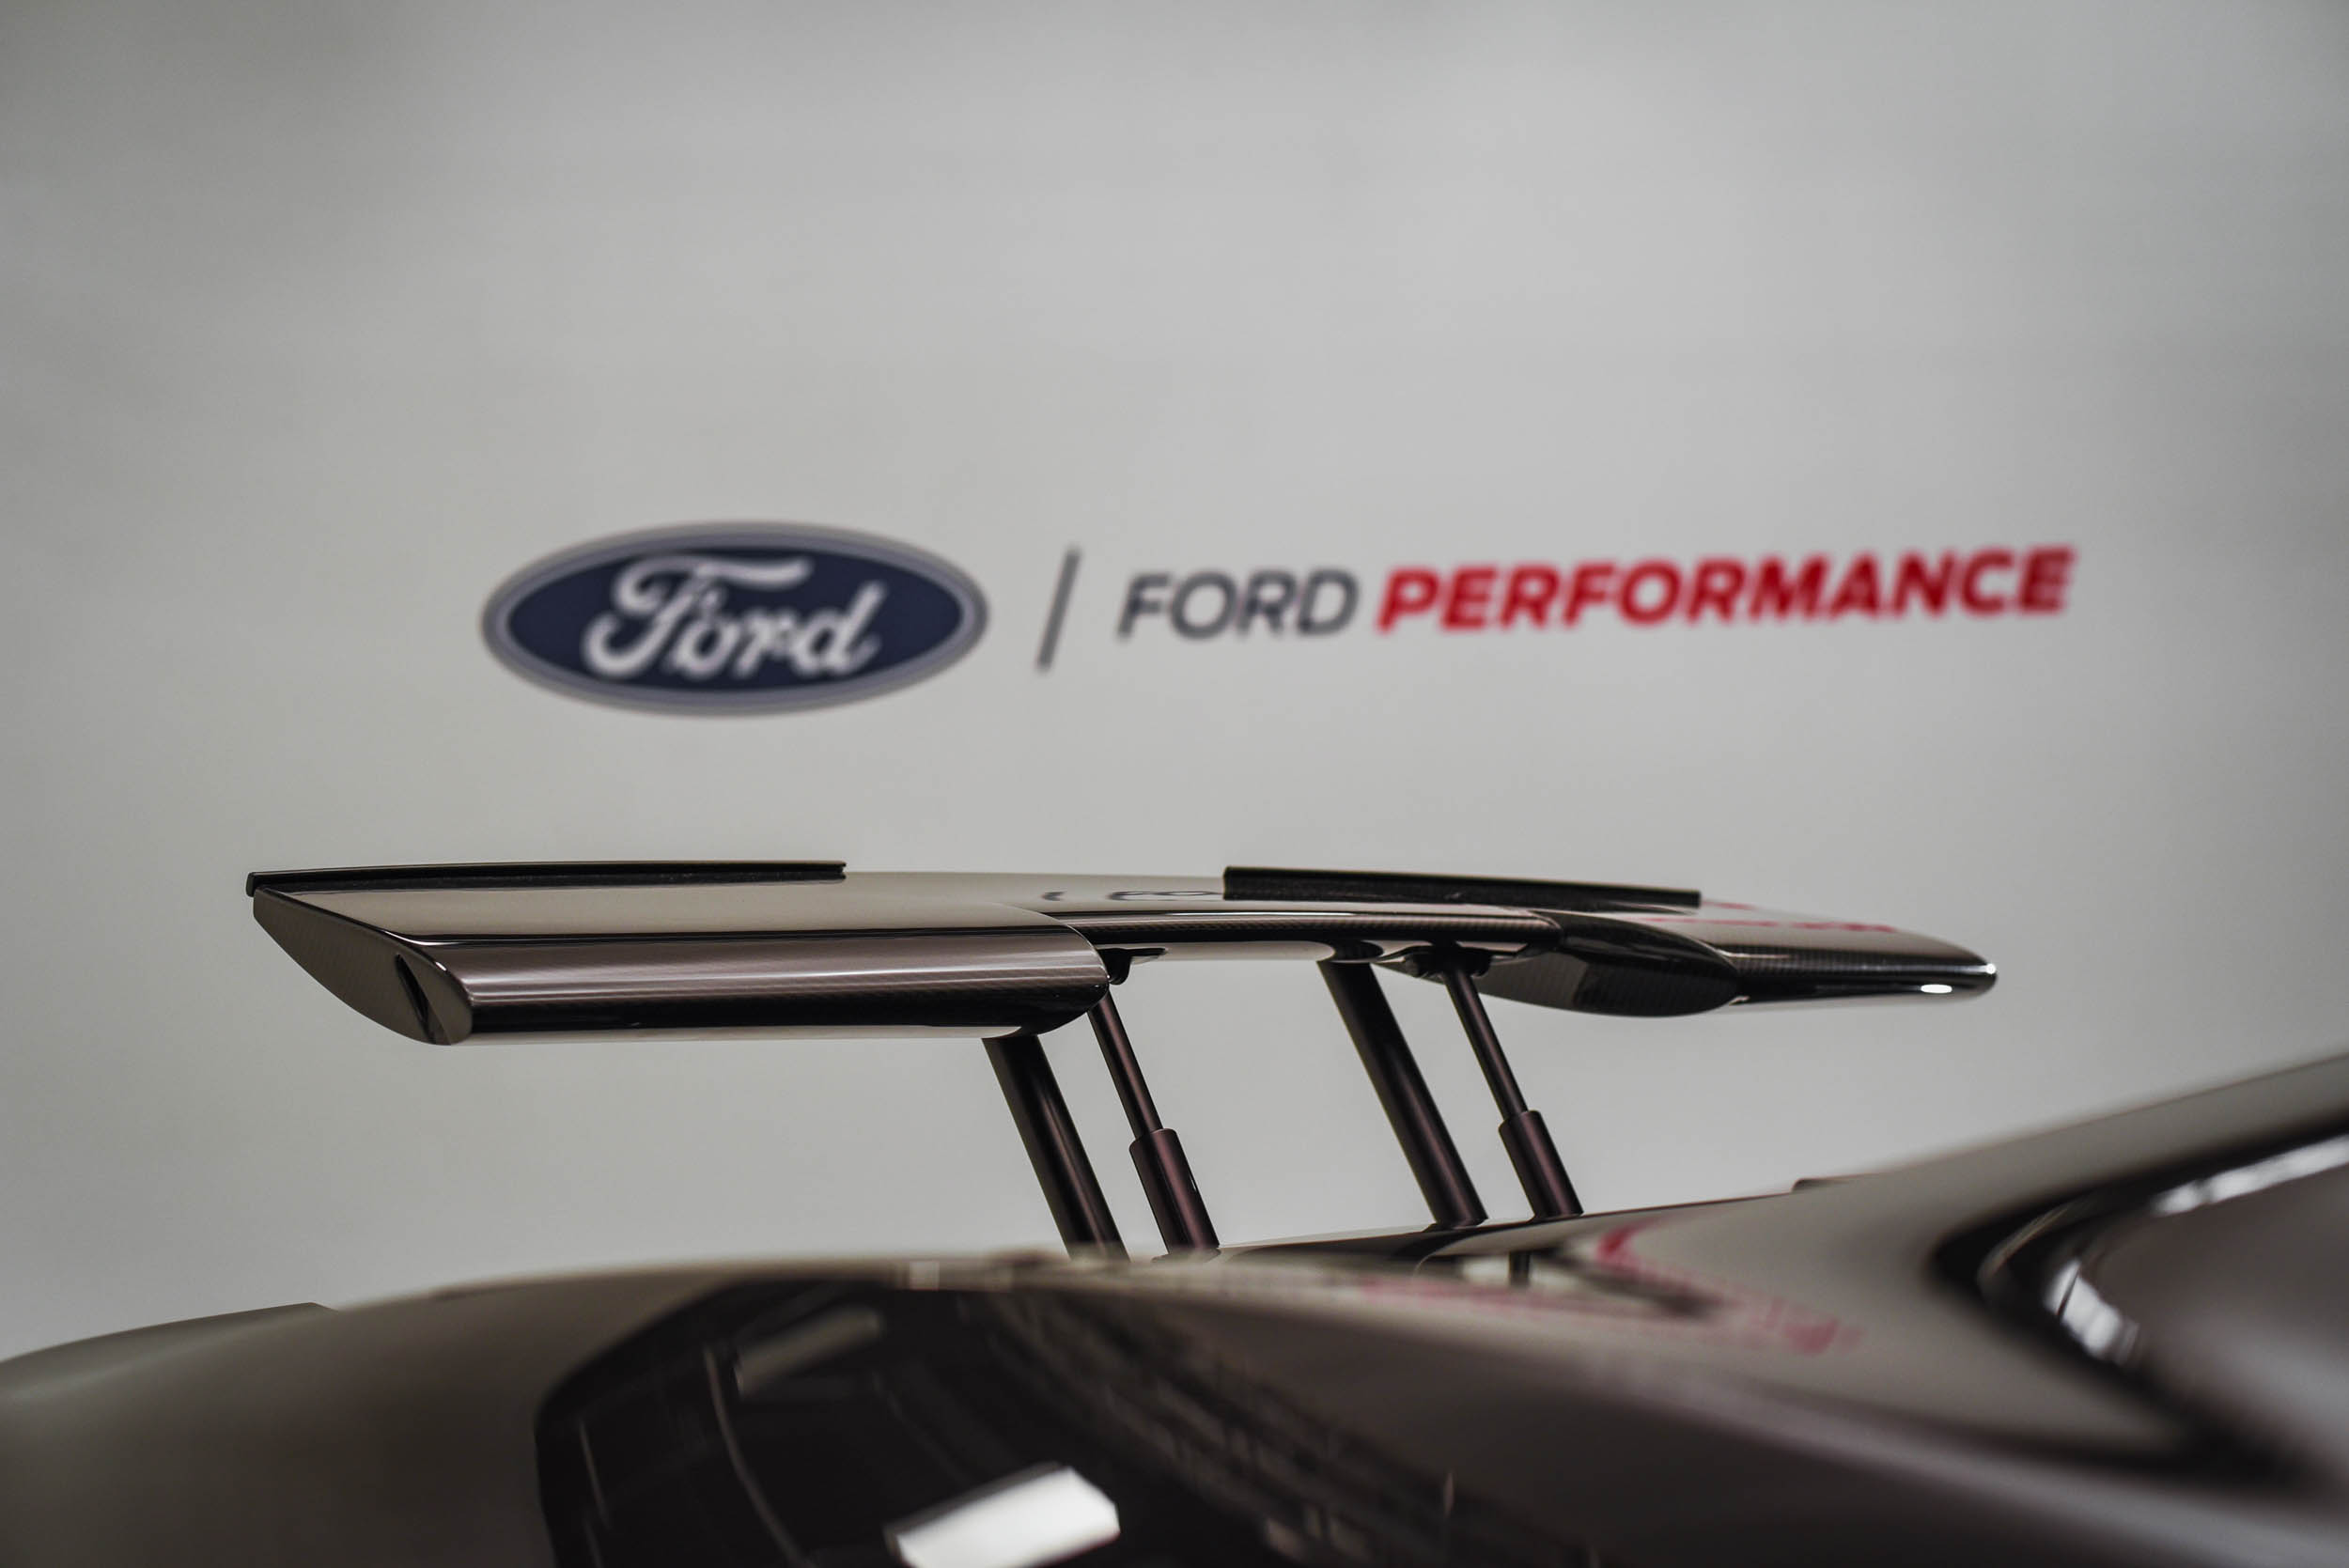 2020 Ford GT Liquid Carbon Fiber